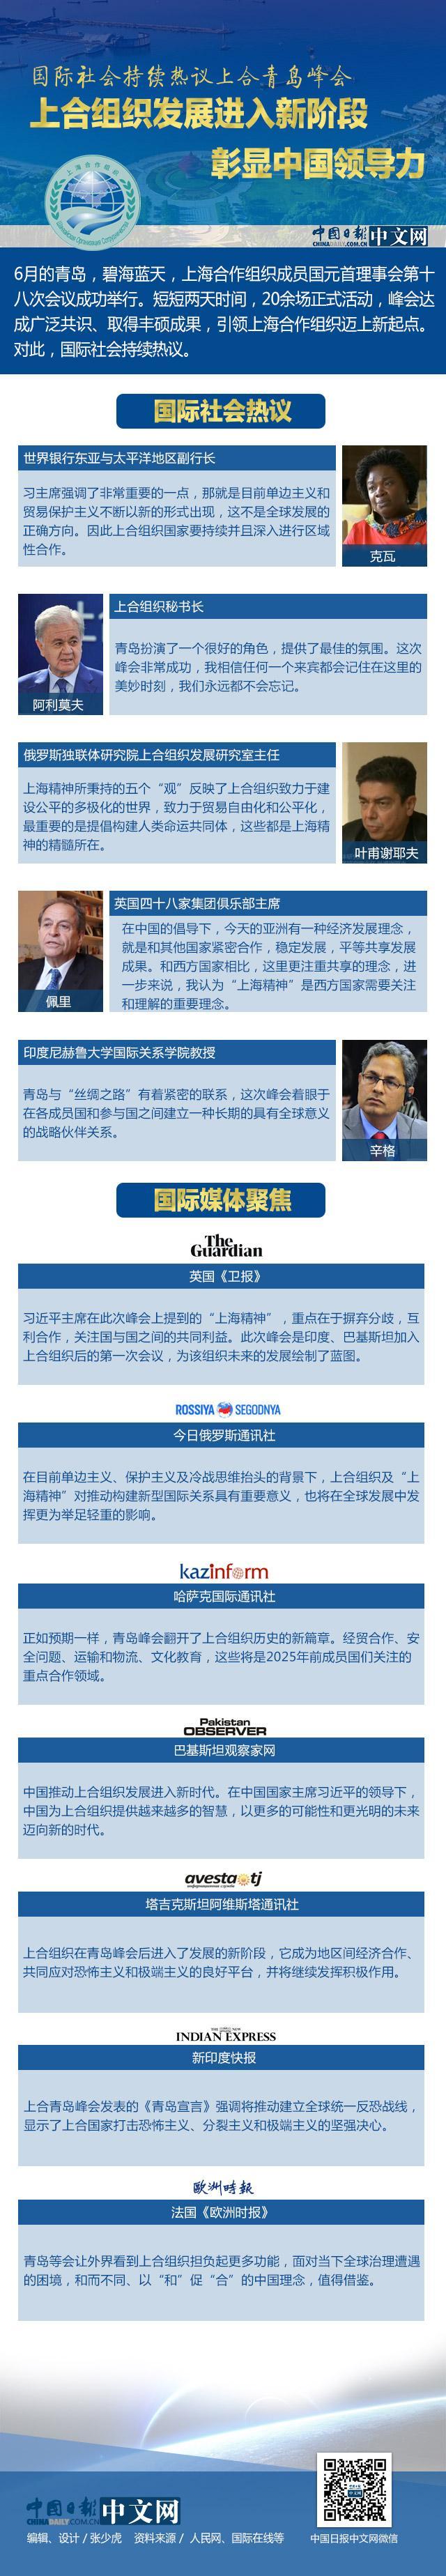 国际社会持续热议上合青岛峰会:上合组织发展进入新阶段 彰显中国领导力